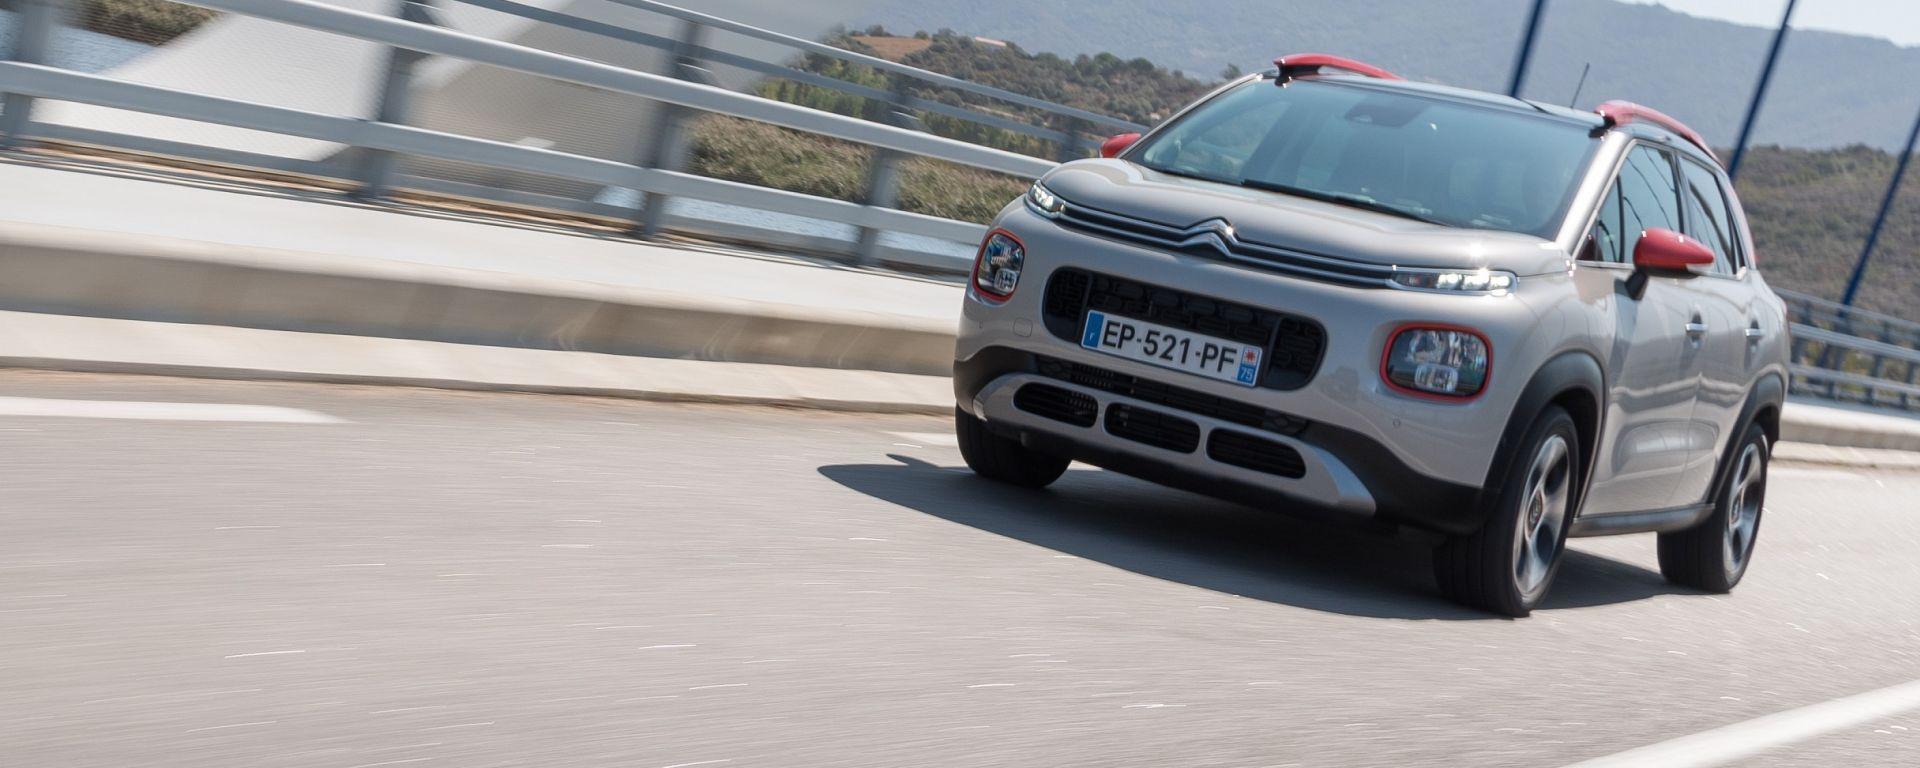 Citroen C3 Aircross: arriva il diesel BlueHDi 110 S&S. Più potente di 10 CV, rispetta la normativa Euro 6.2